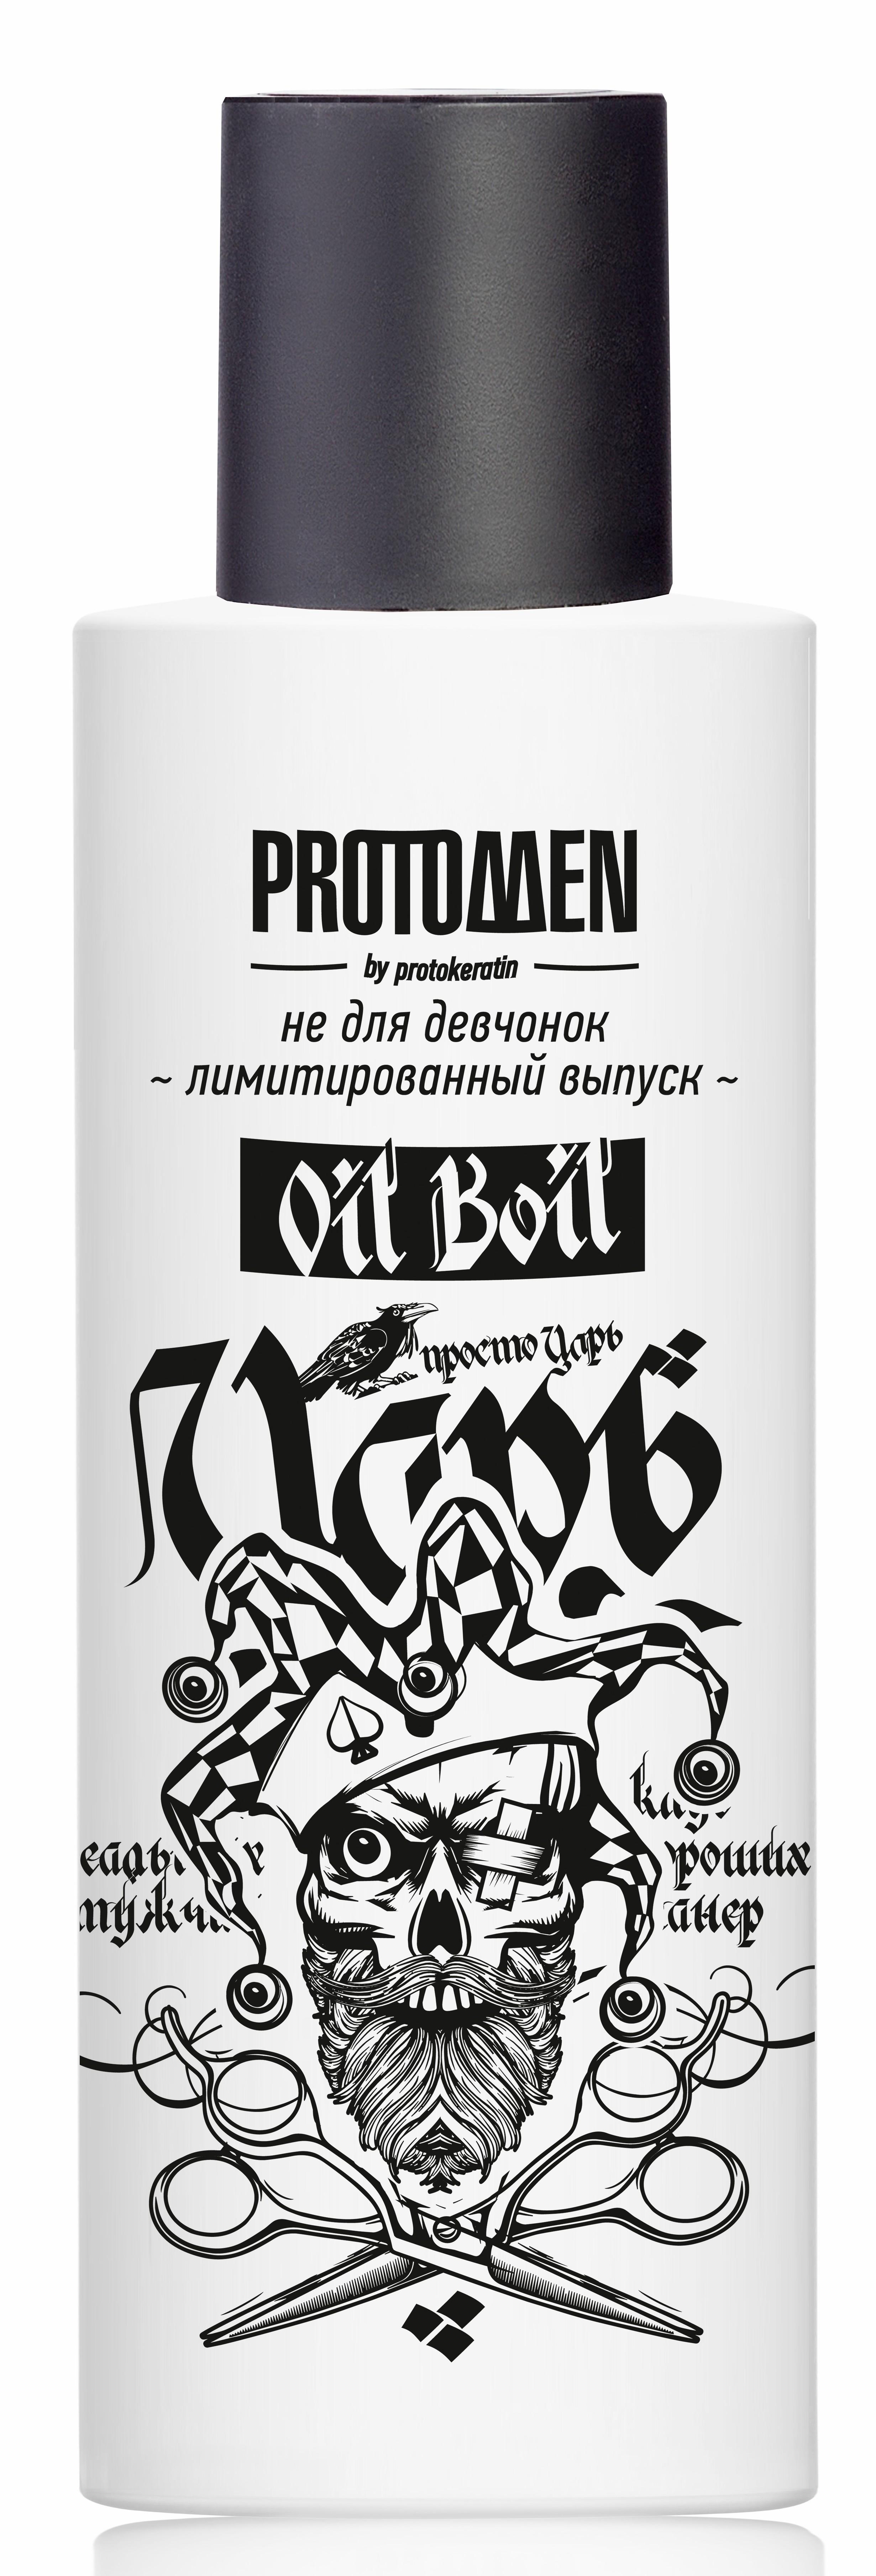 PROTOKERATIN Масло-крем увлажнение и питание Царь / ProtoMEN KING 100 мл